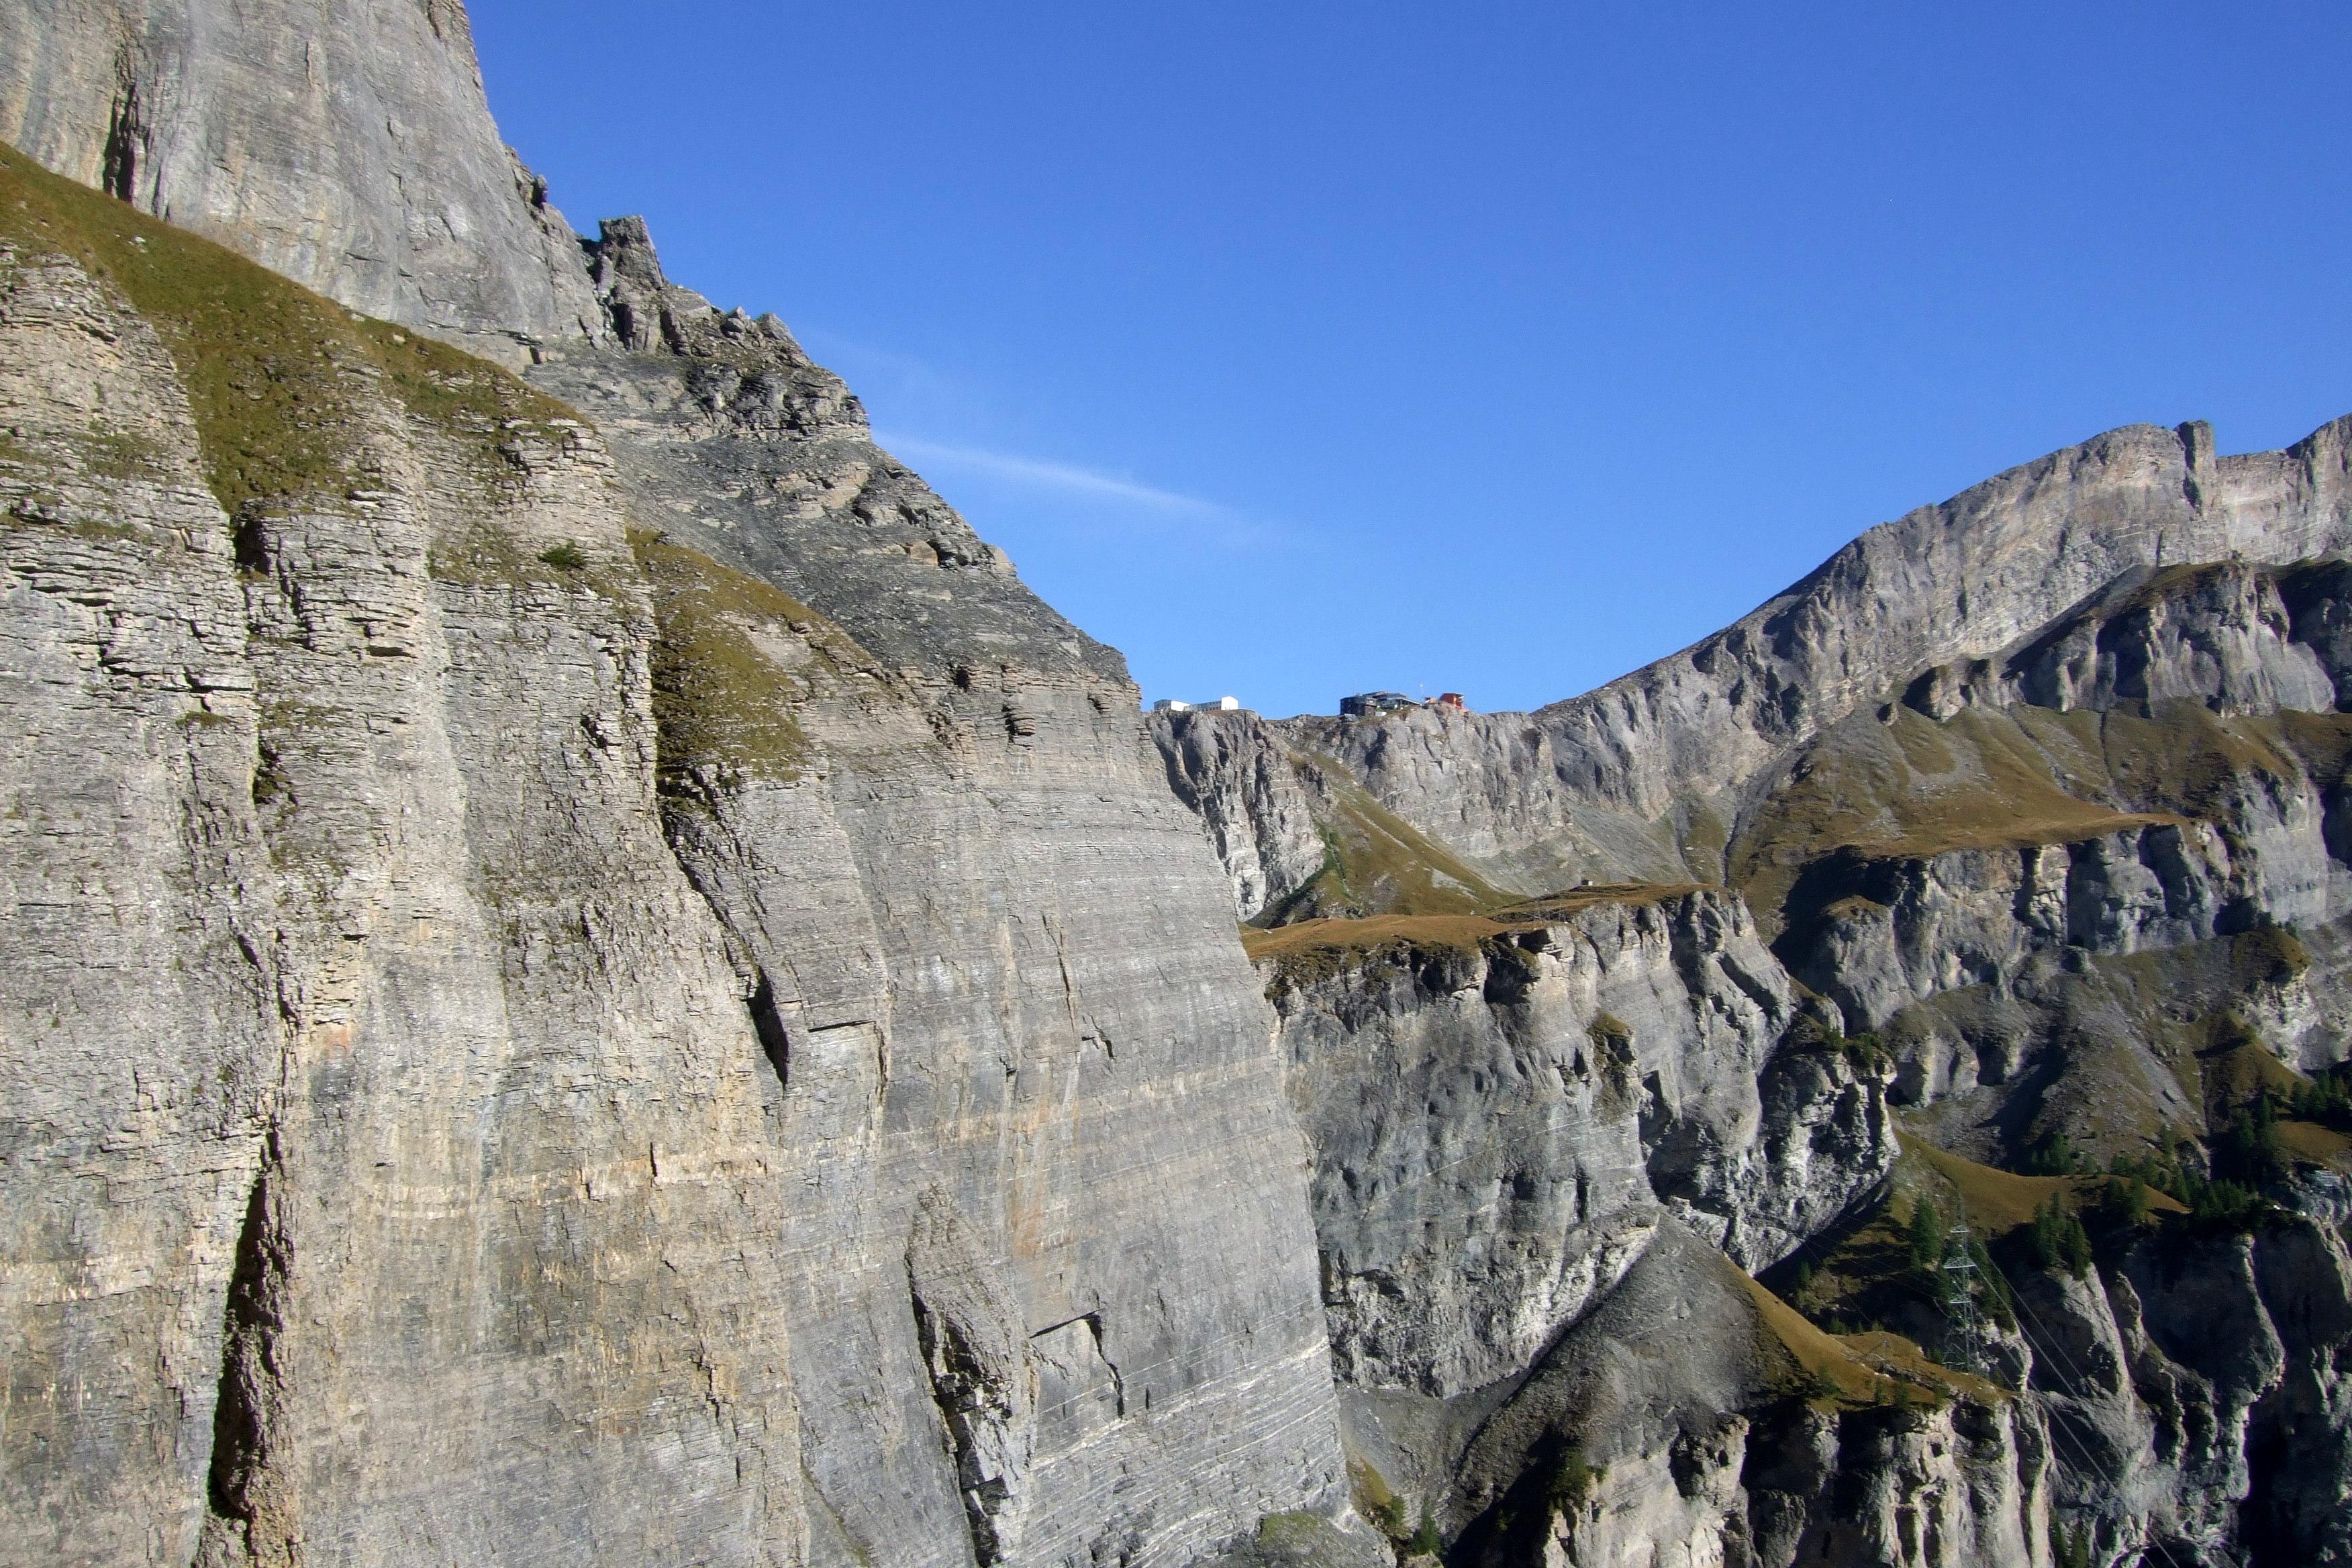 Klettersteig Wallis : Leukerbader klettersteig wallis lisa unterwegs